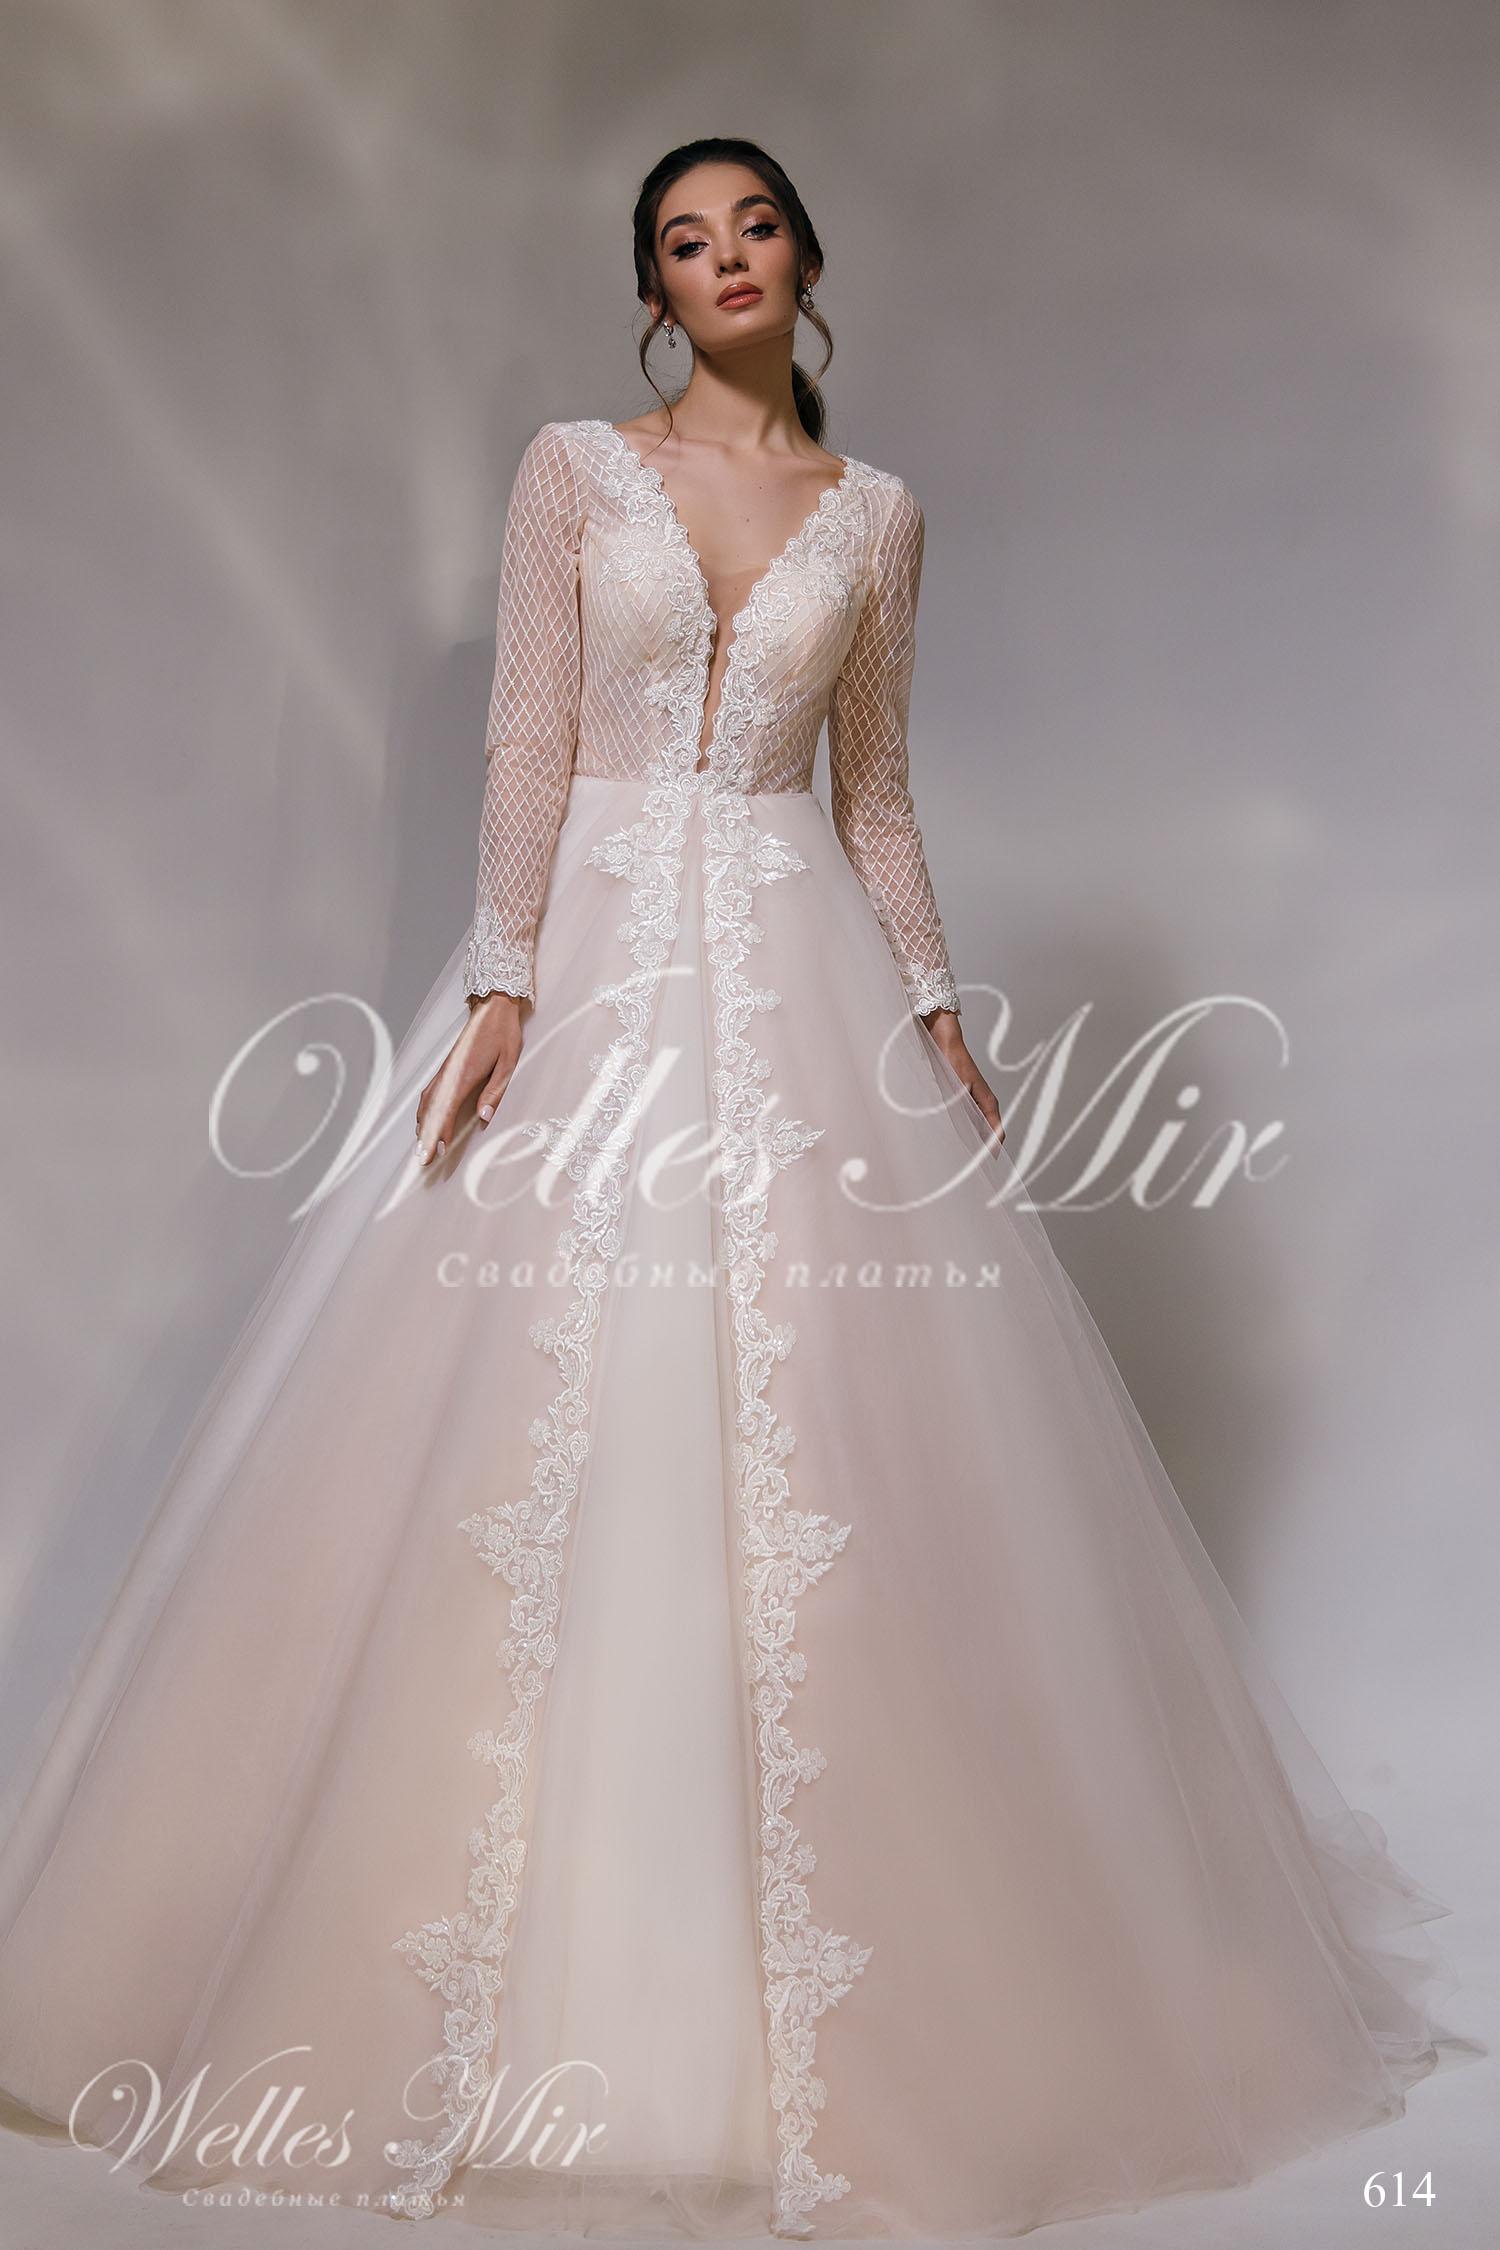 Свадебные платья Nothern Lights - 614